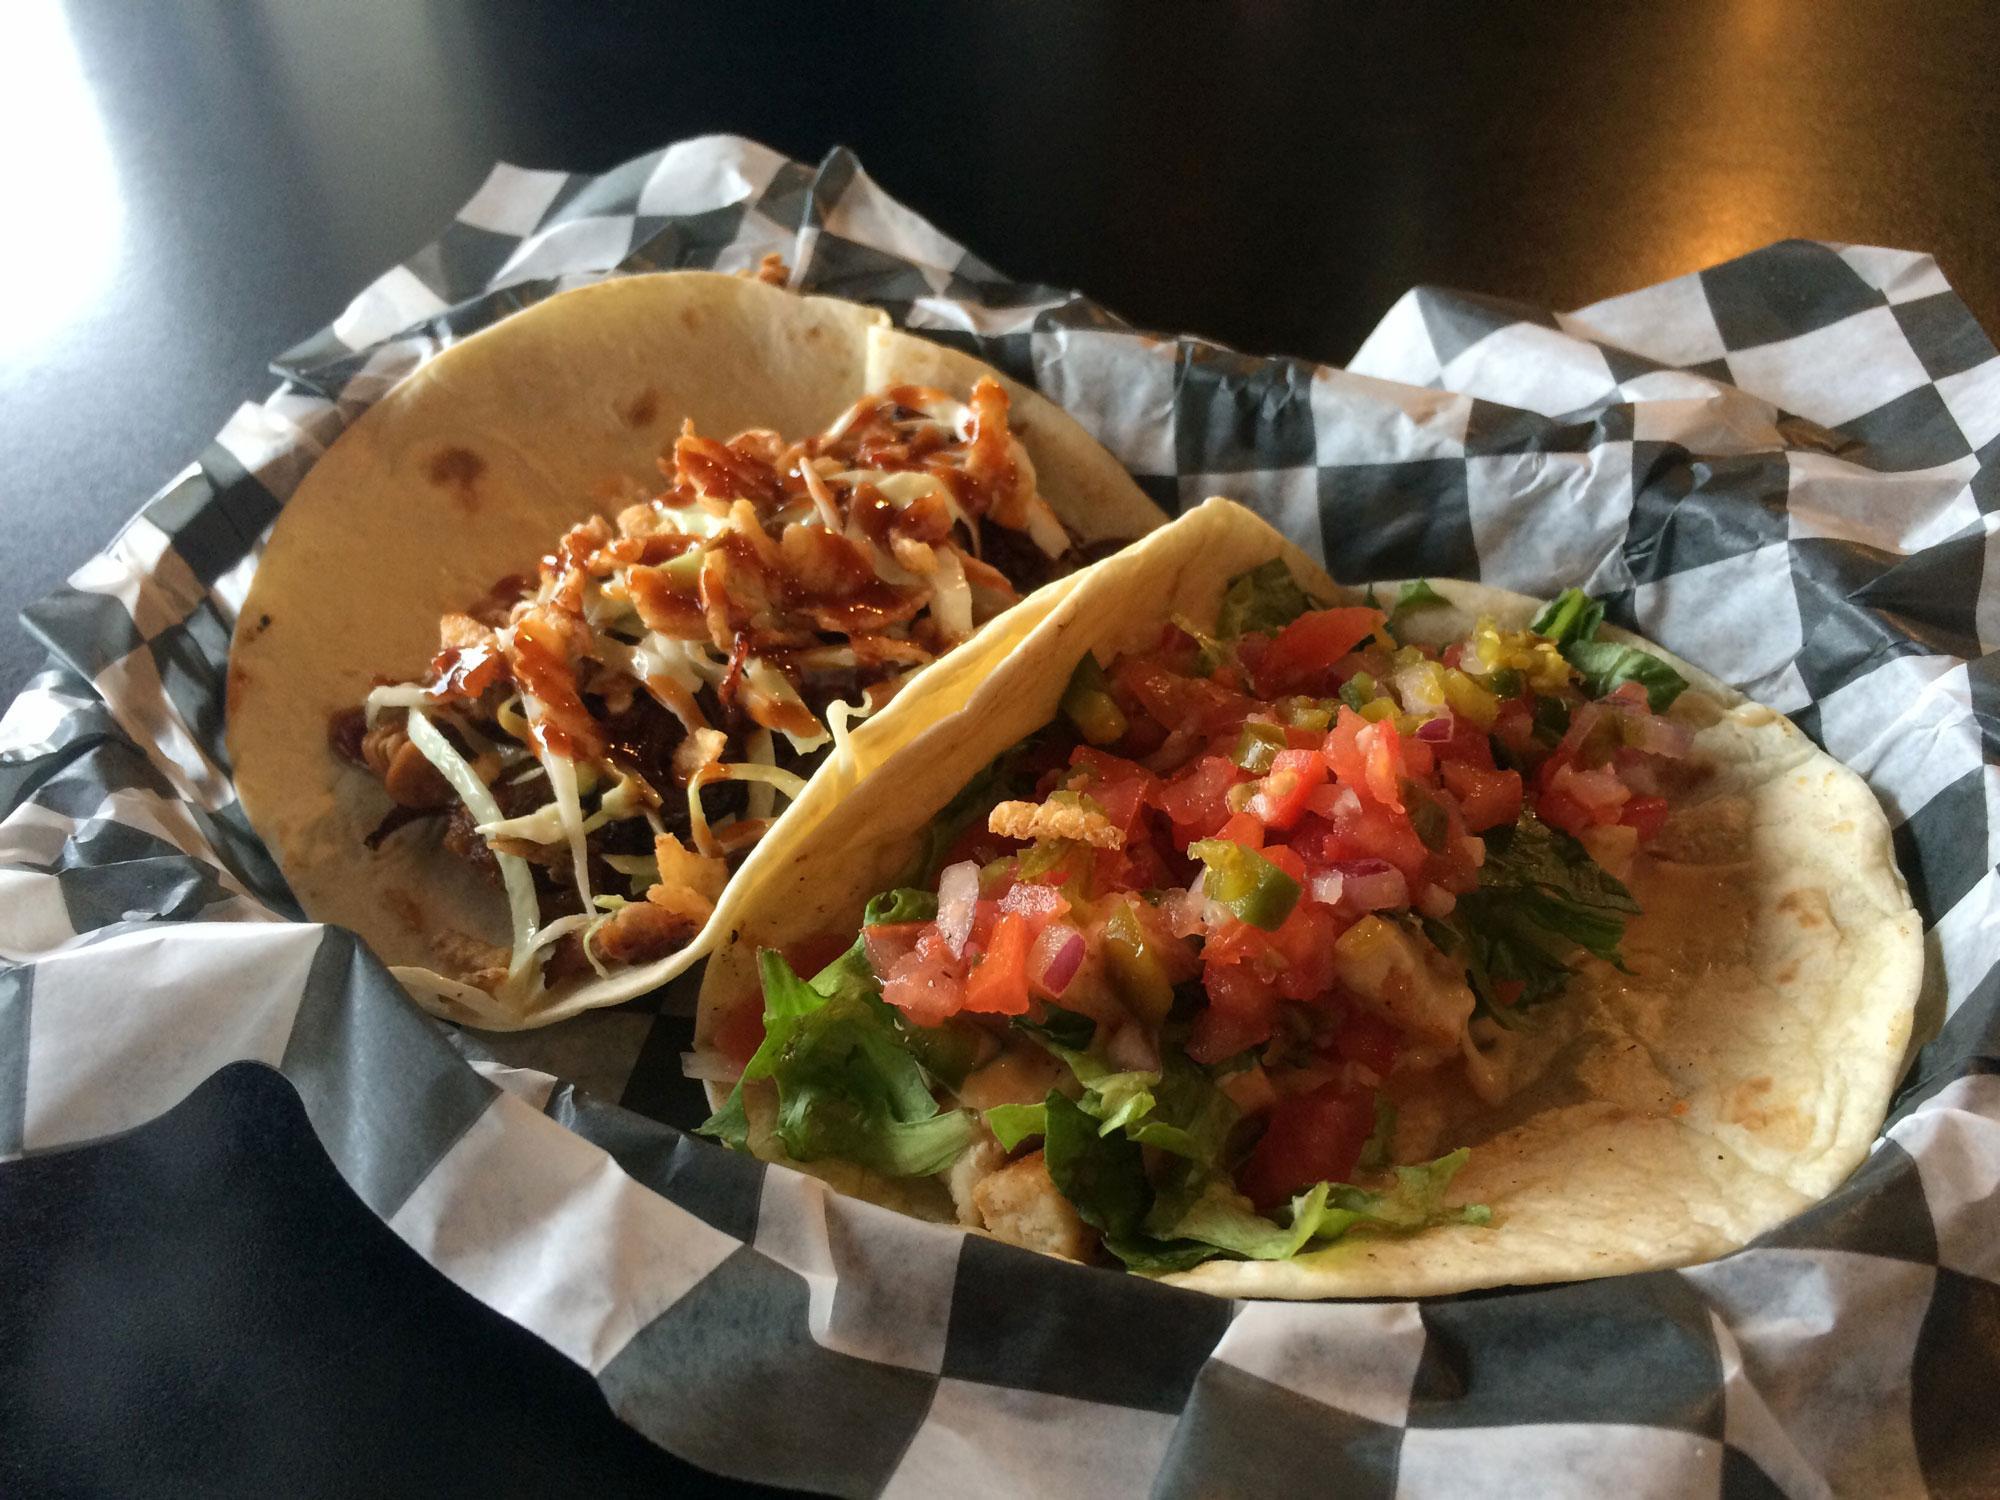 Talkin' tacos